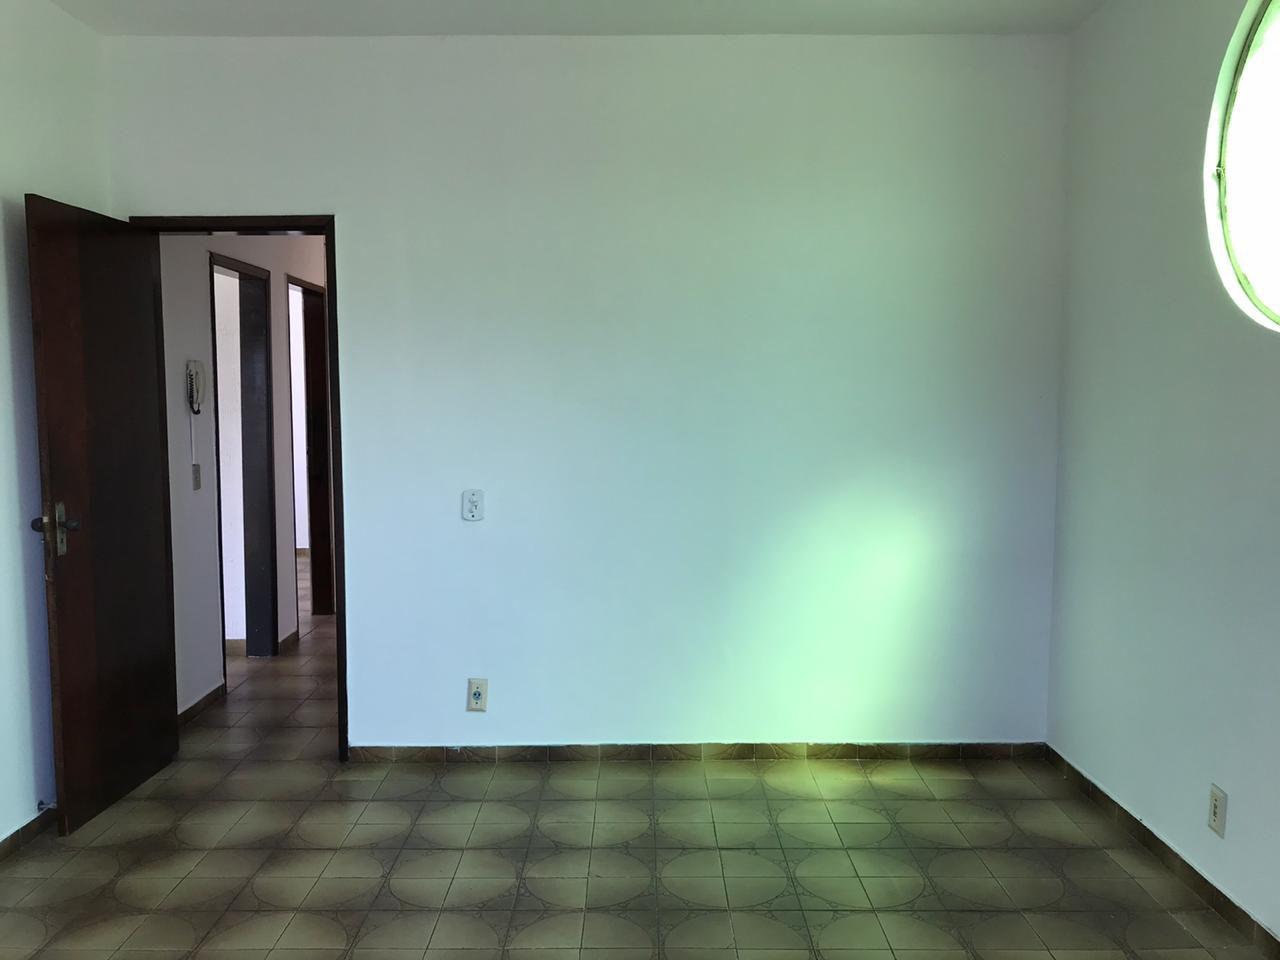 FOTO 7 - Casa à venda Rua Quiririm,Vila Valqueire, Rio de Janeiro - R$ 320.000 - RF274 - 8